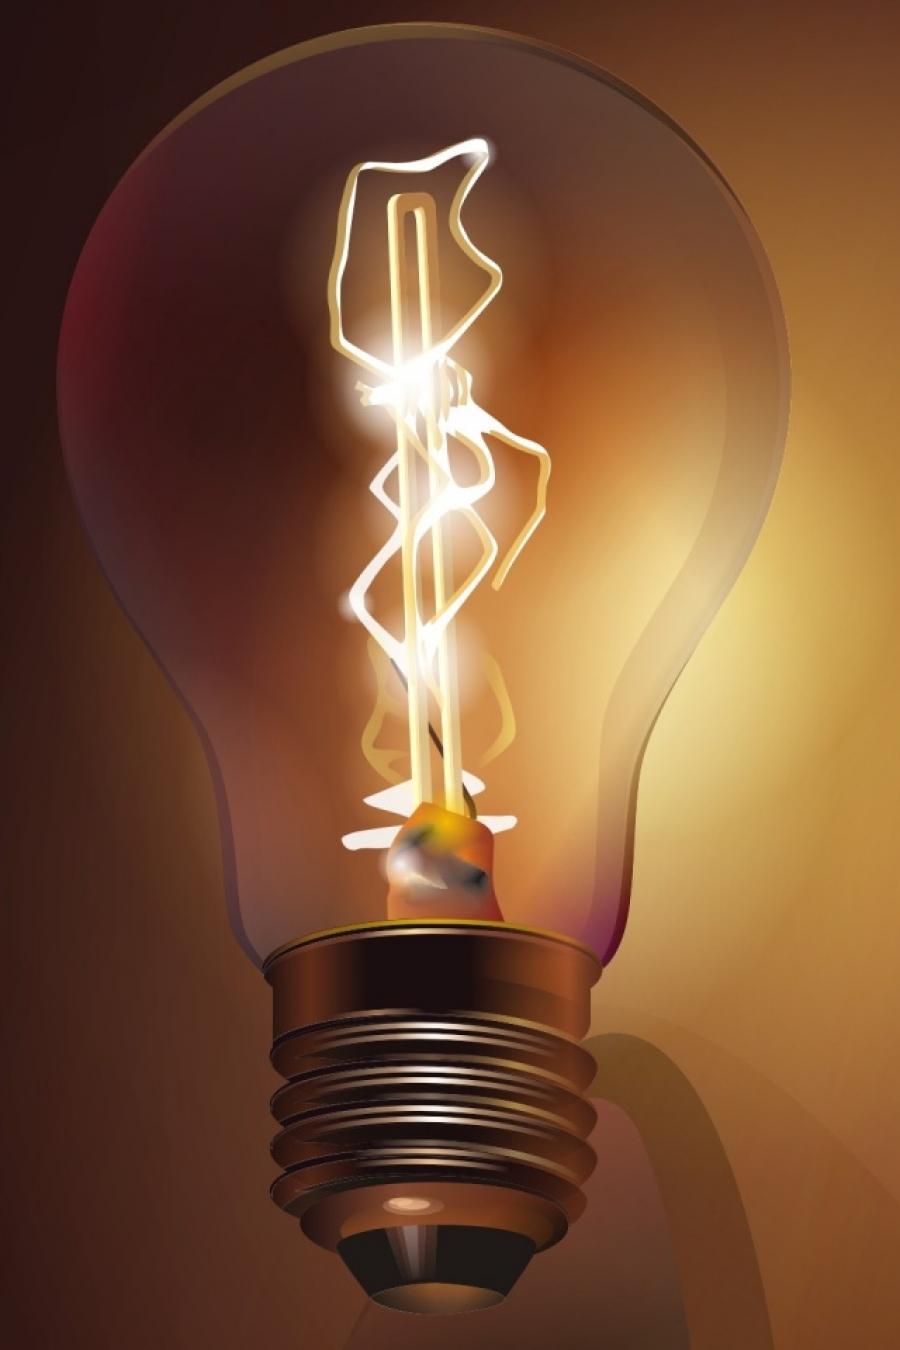 Переносится отключение эл.энергии с 30 января на 31 января 2020г.